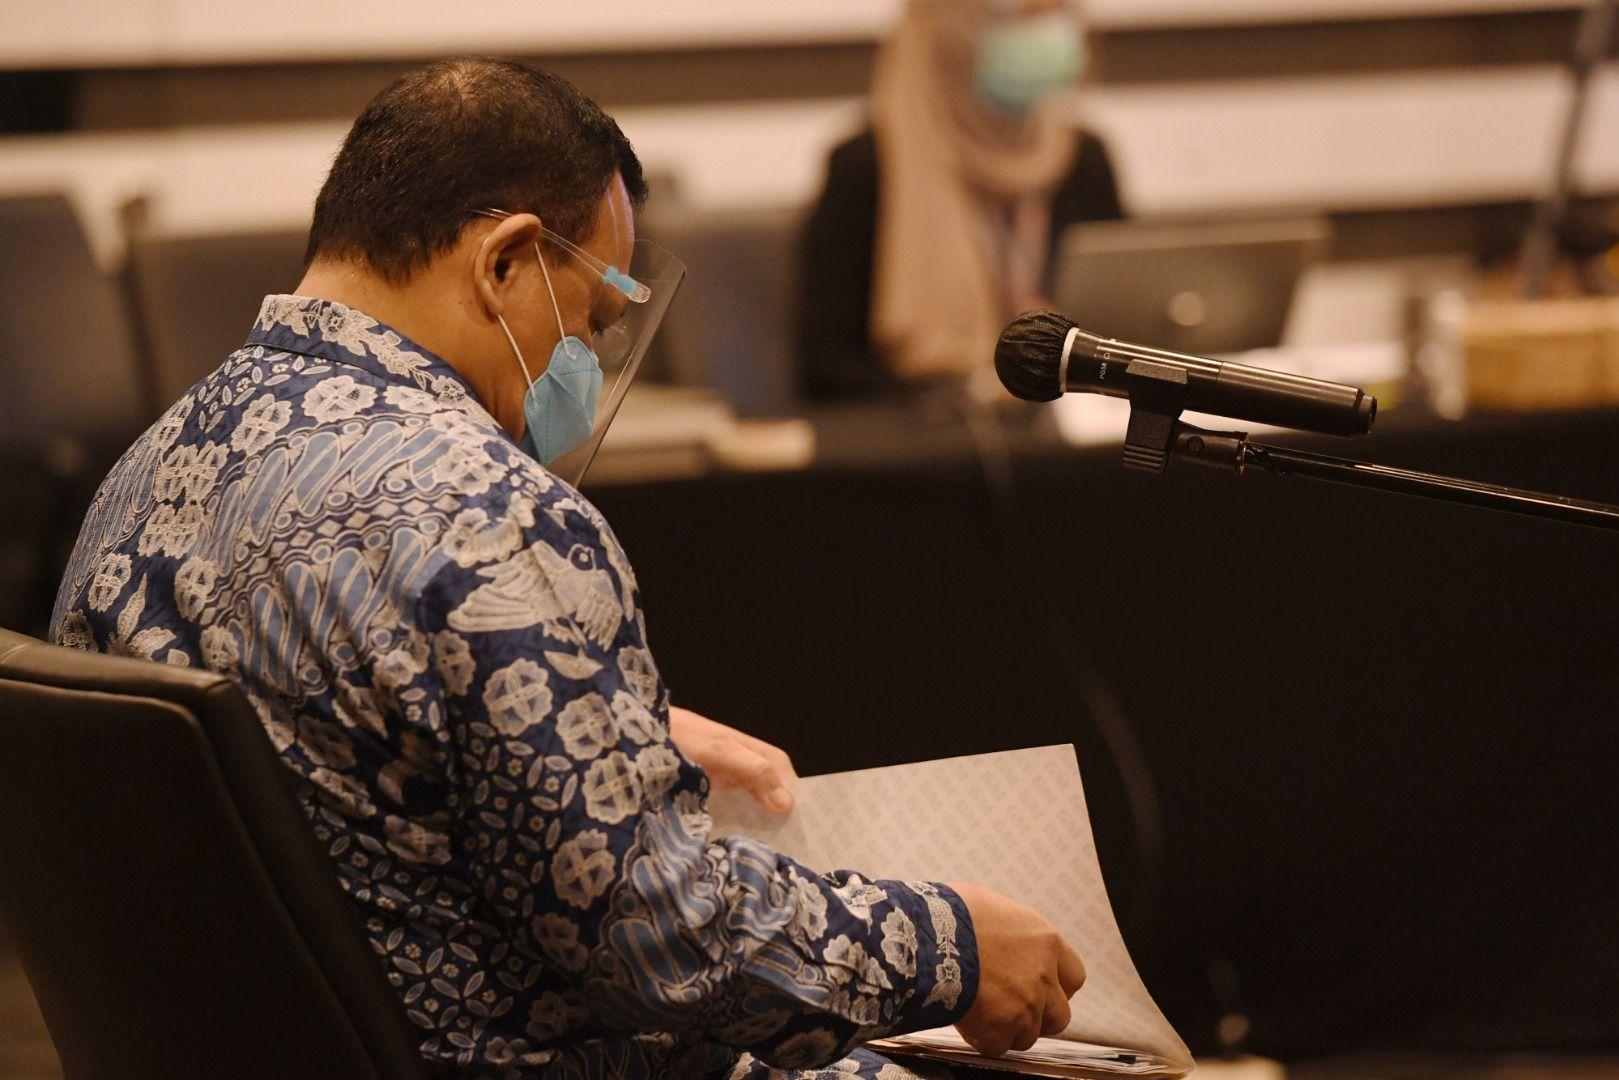 ANTARA FOTO/Hafidz Mubarak